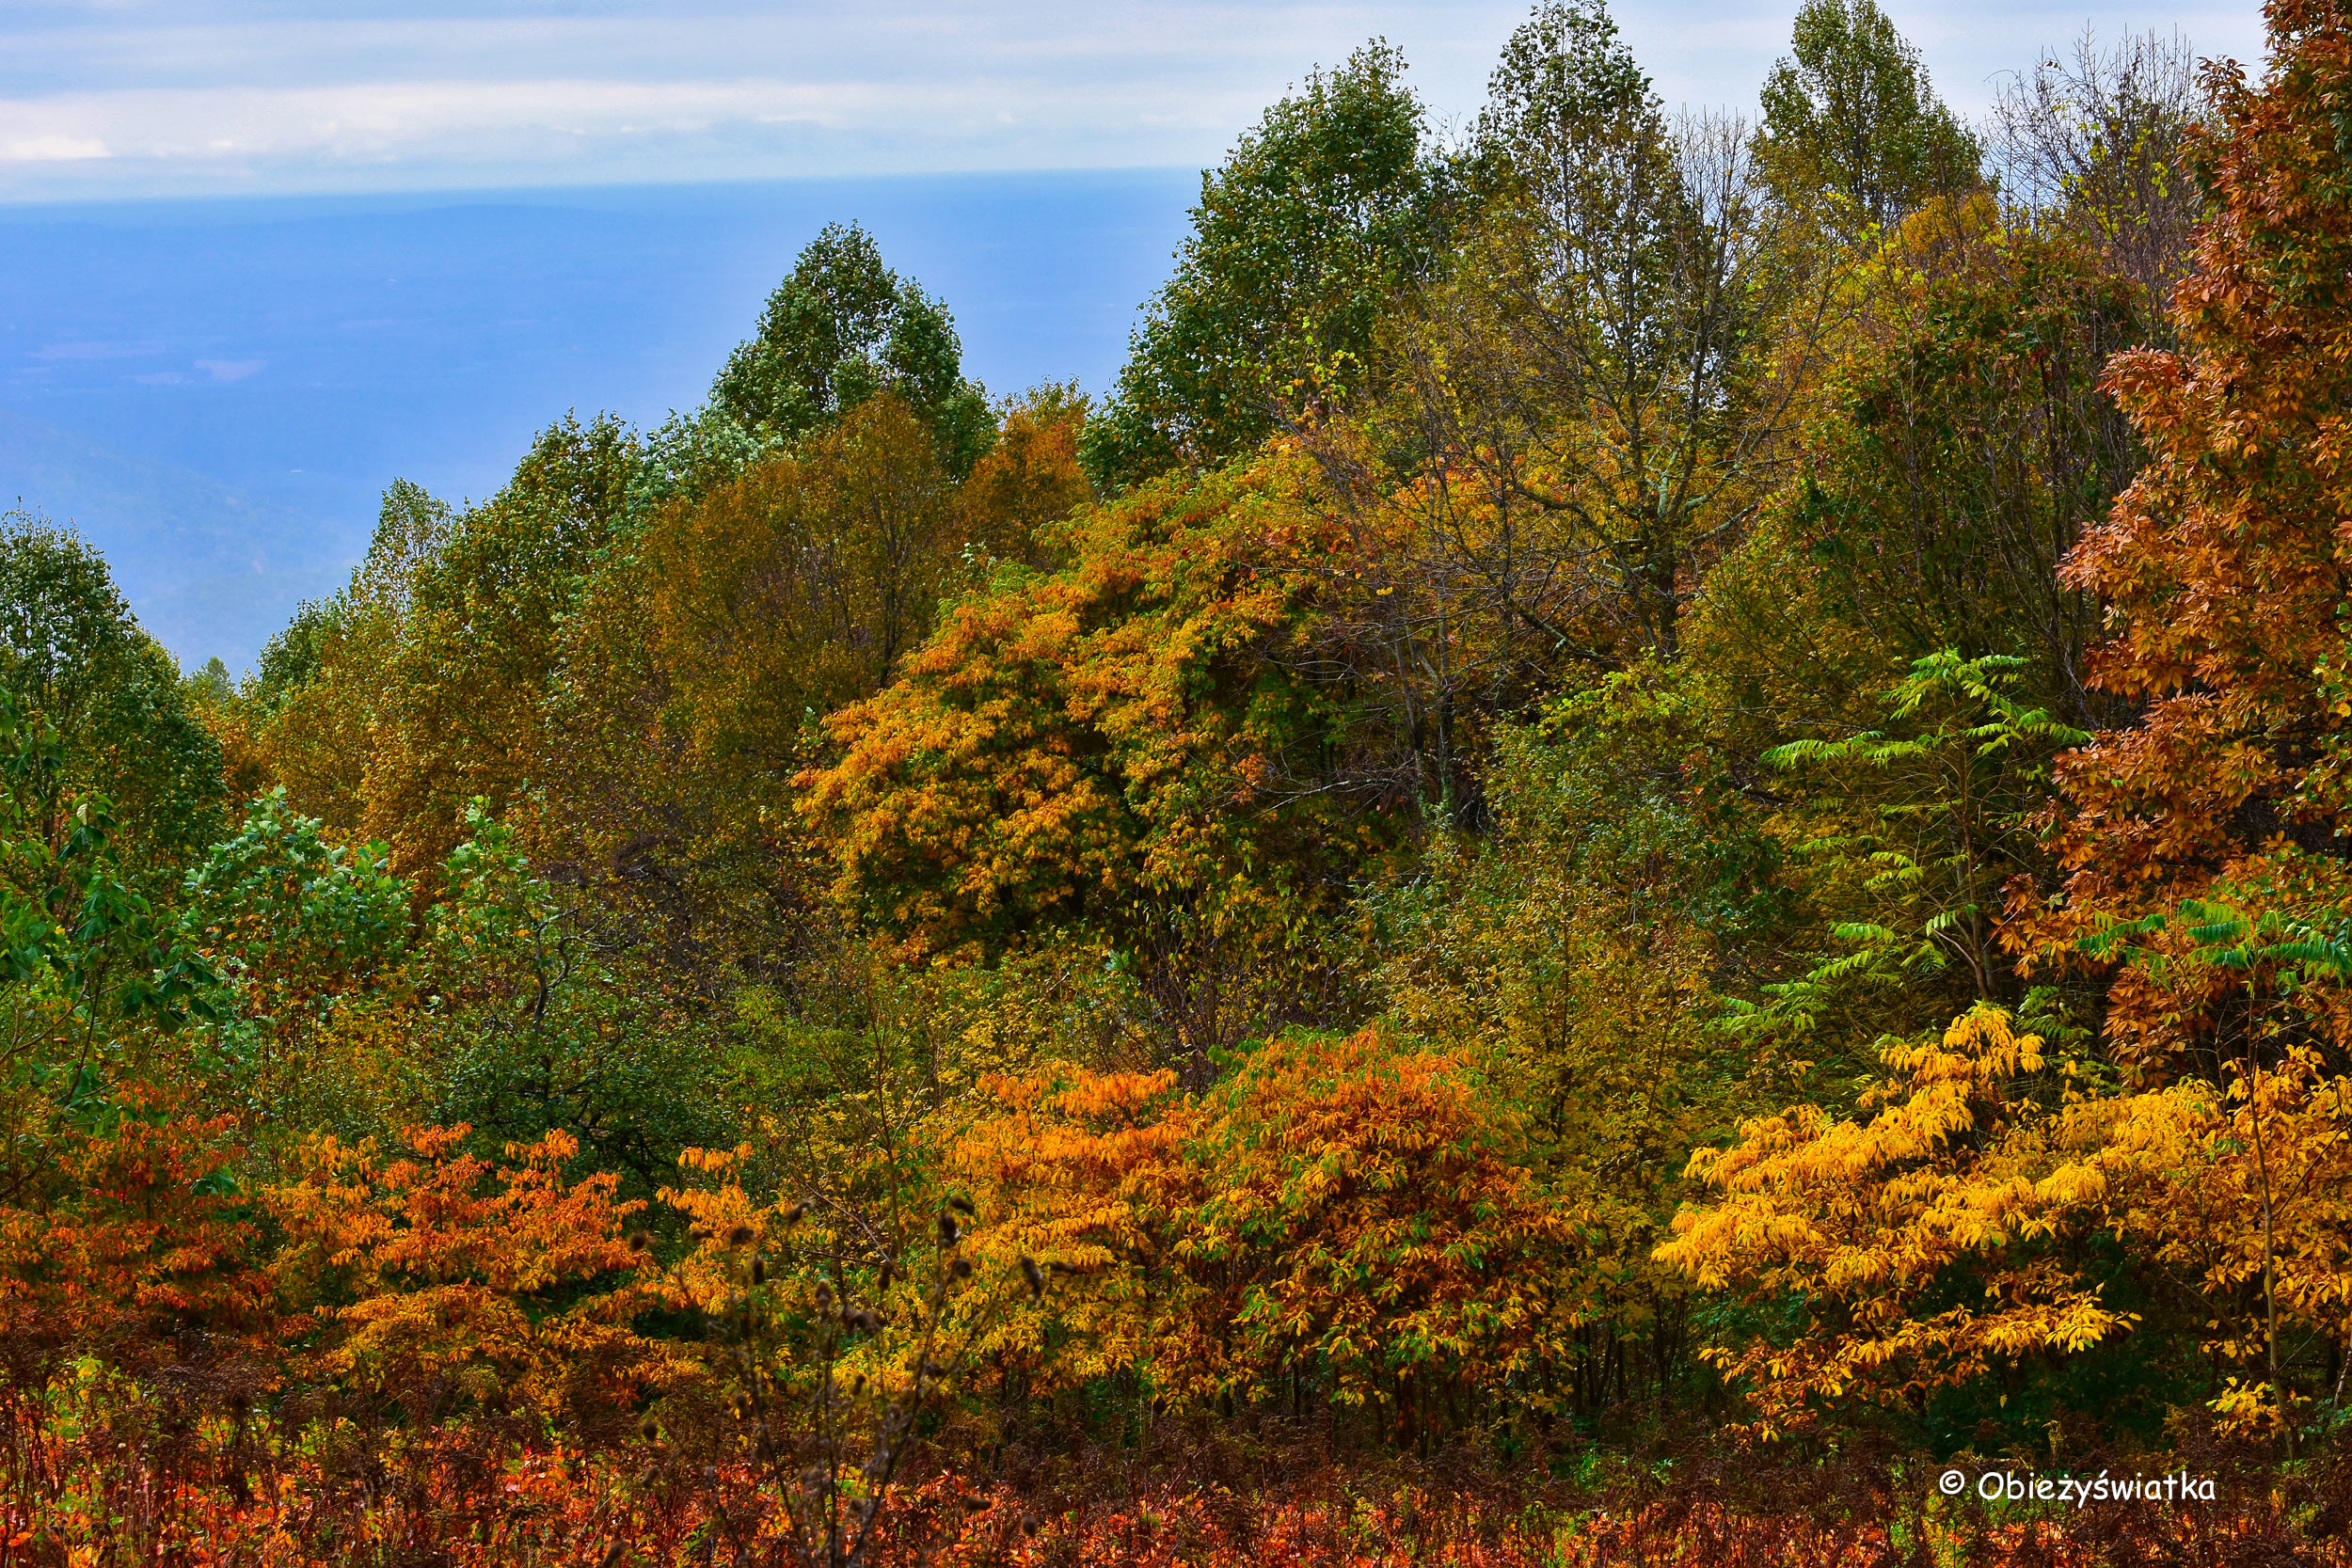 Kolorowo - Park Narodowy Shenandoah, USA